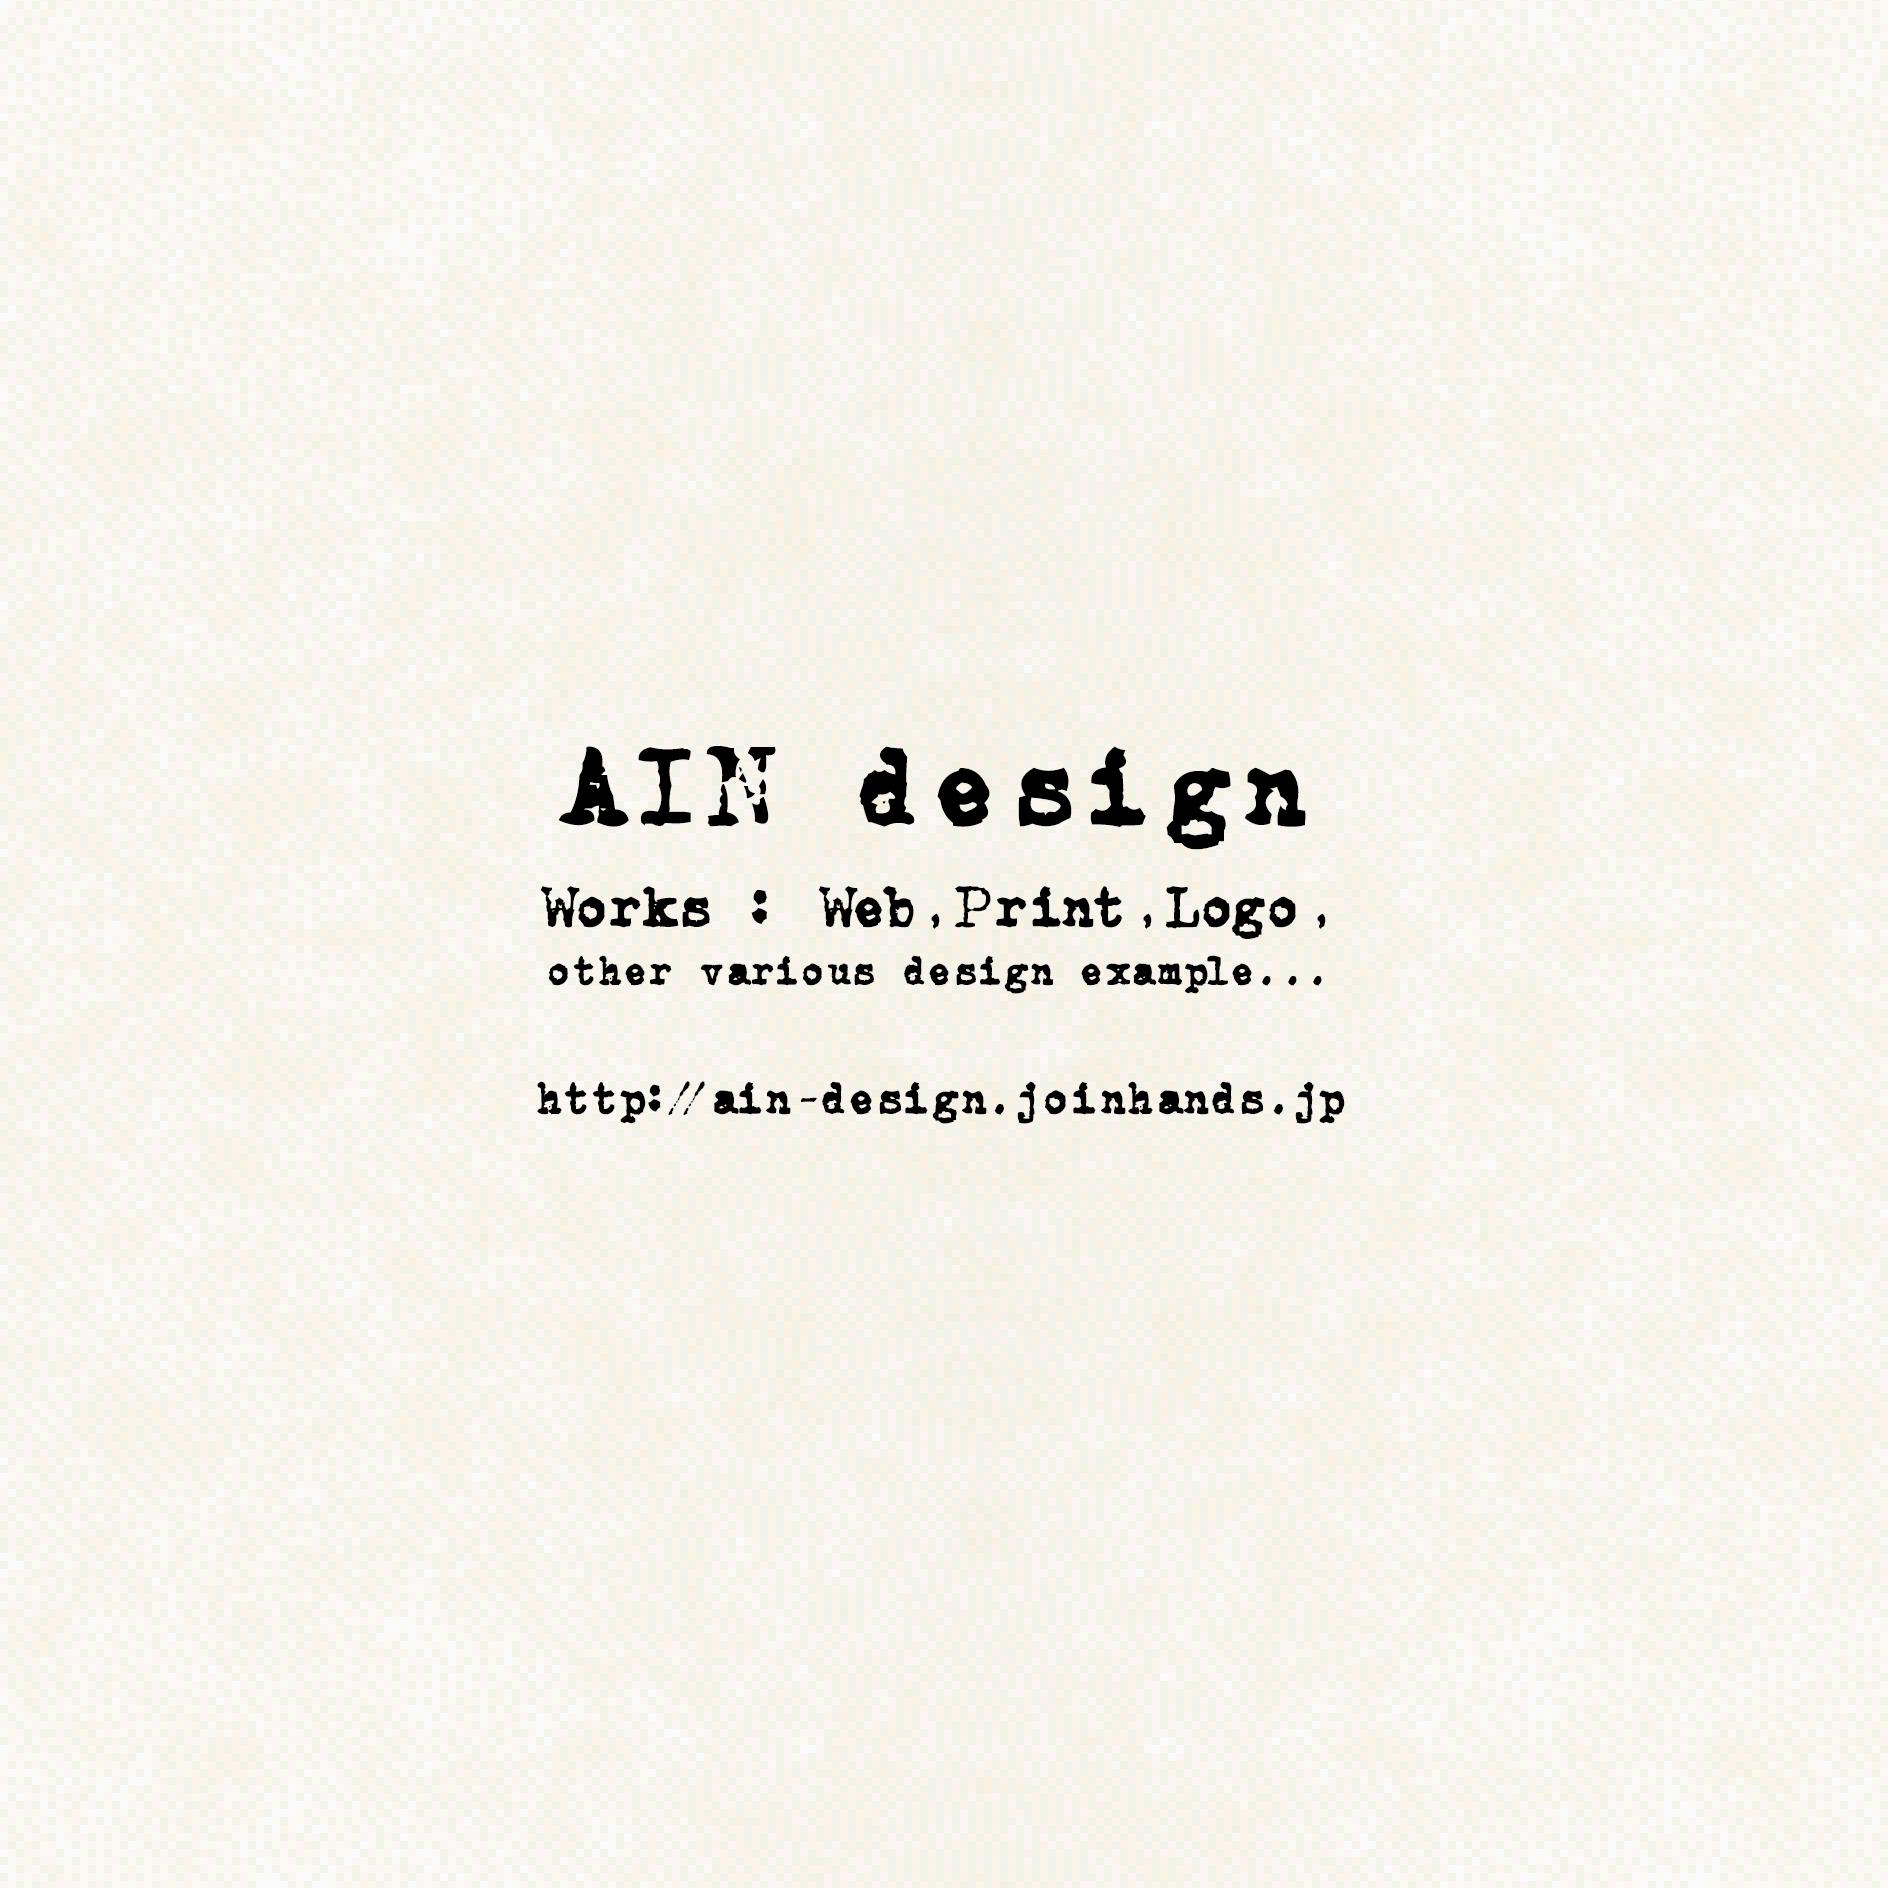 AINdesign